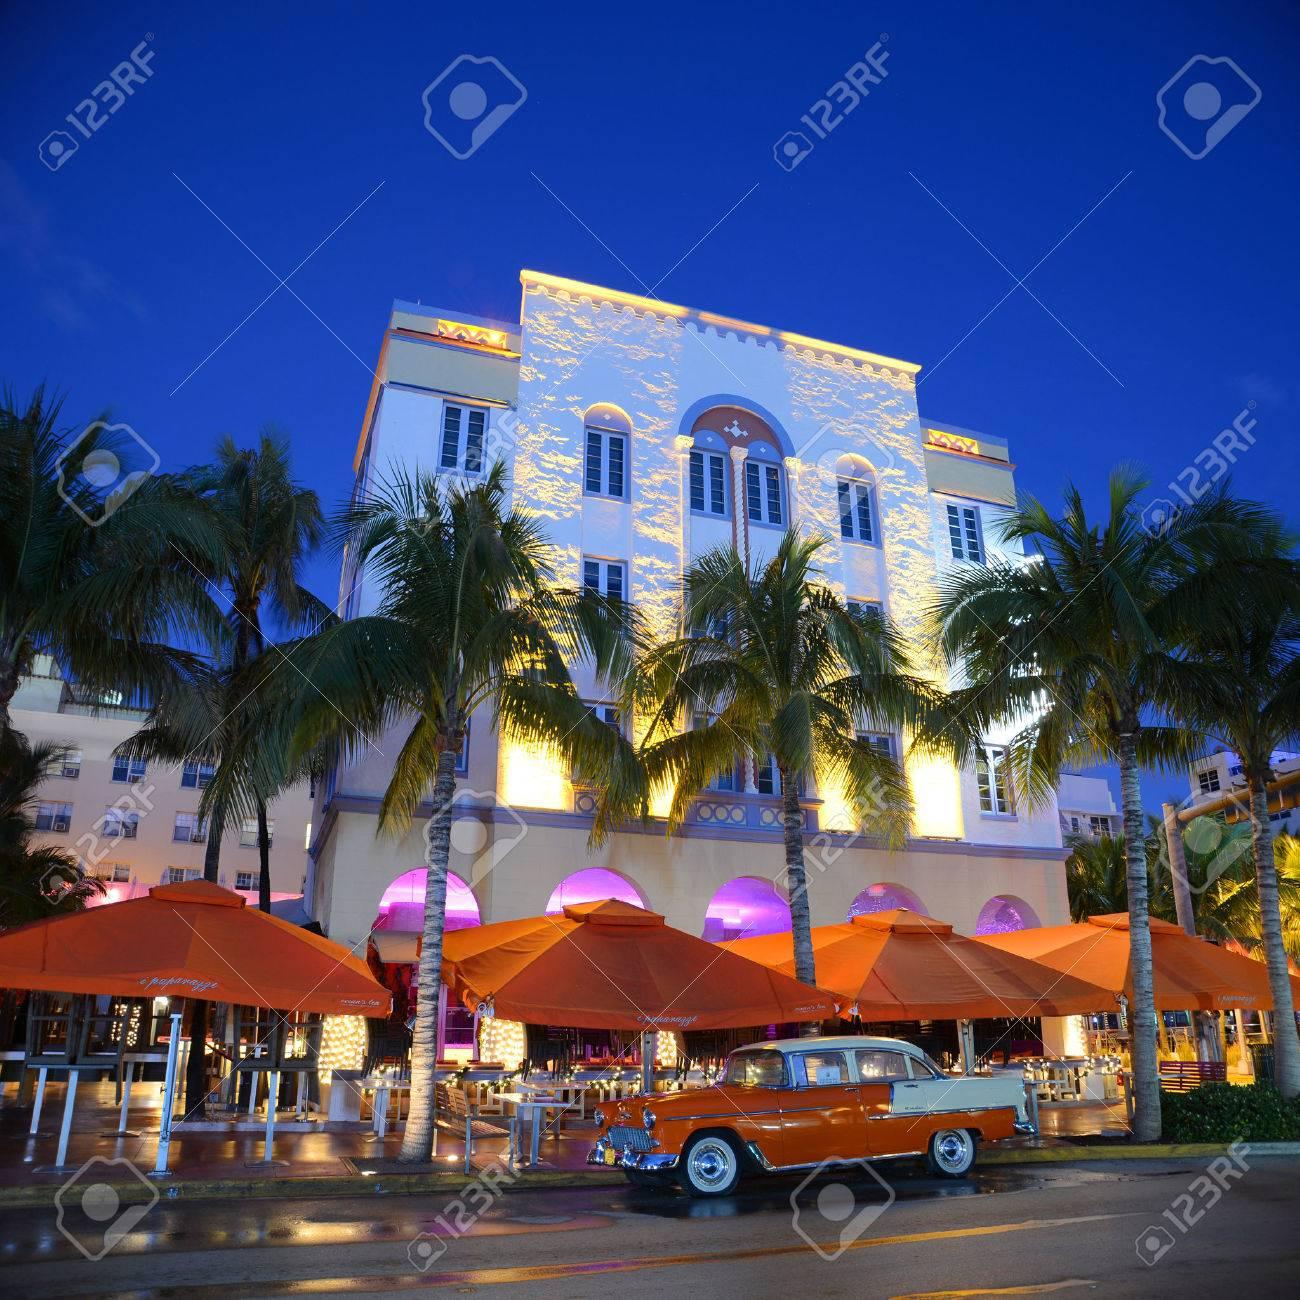 Edison Hotel Mit Art-Deco-Stil Gebäude Und Antike Chevrolet Bel Air ...